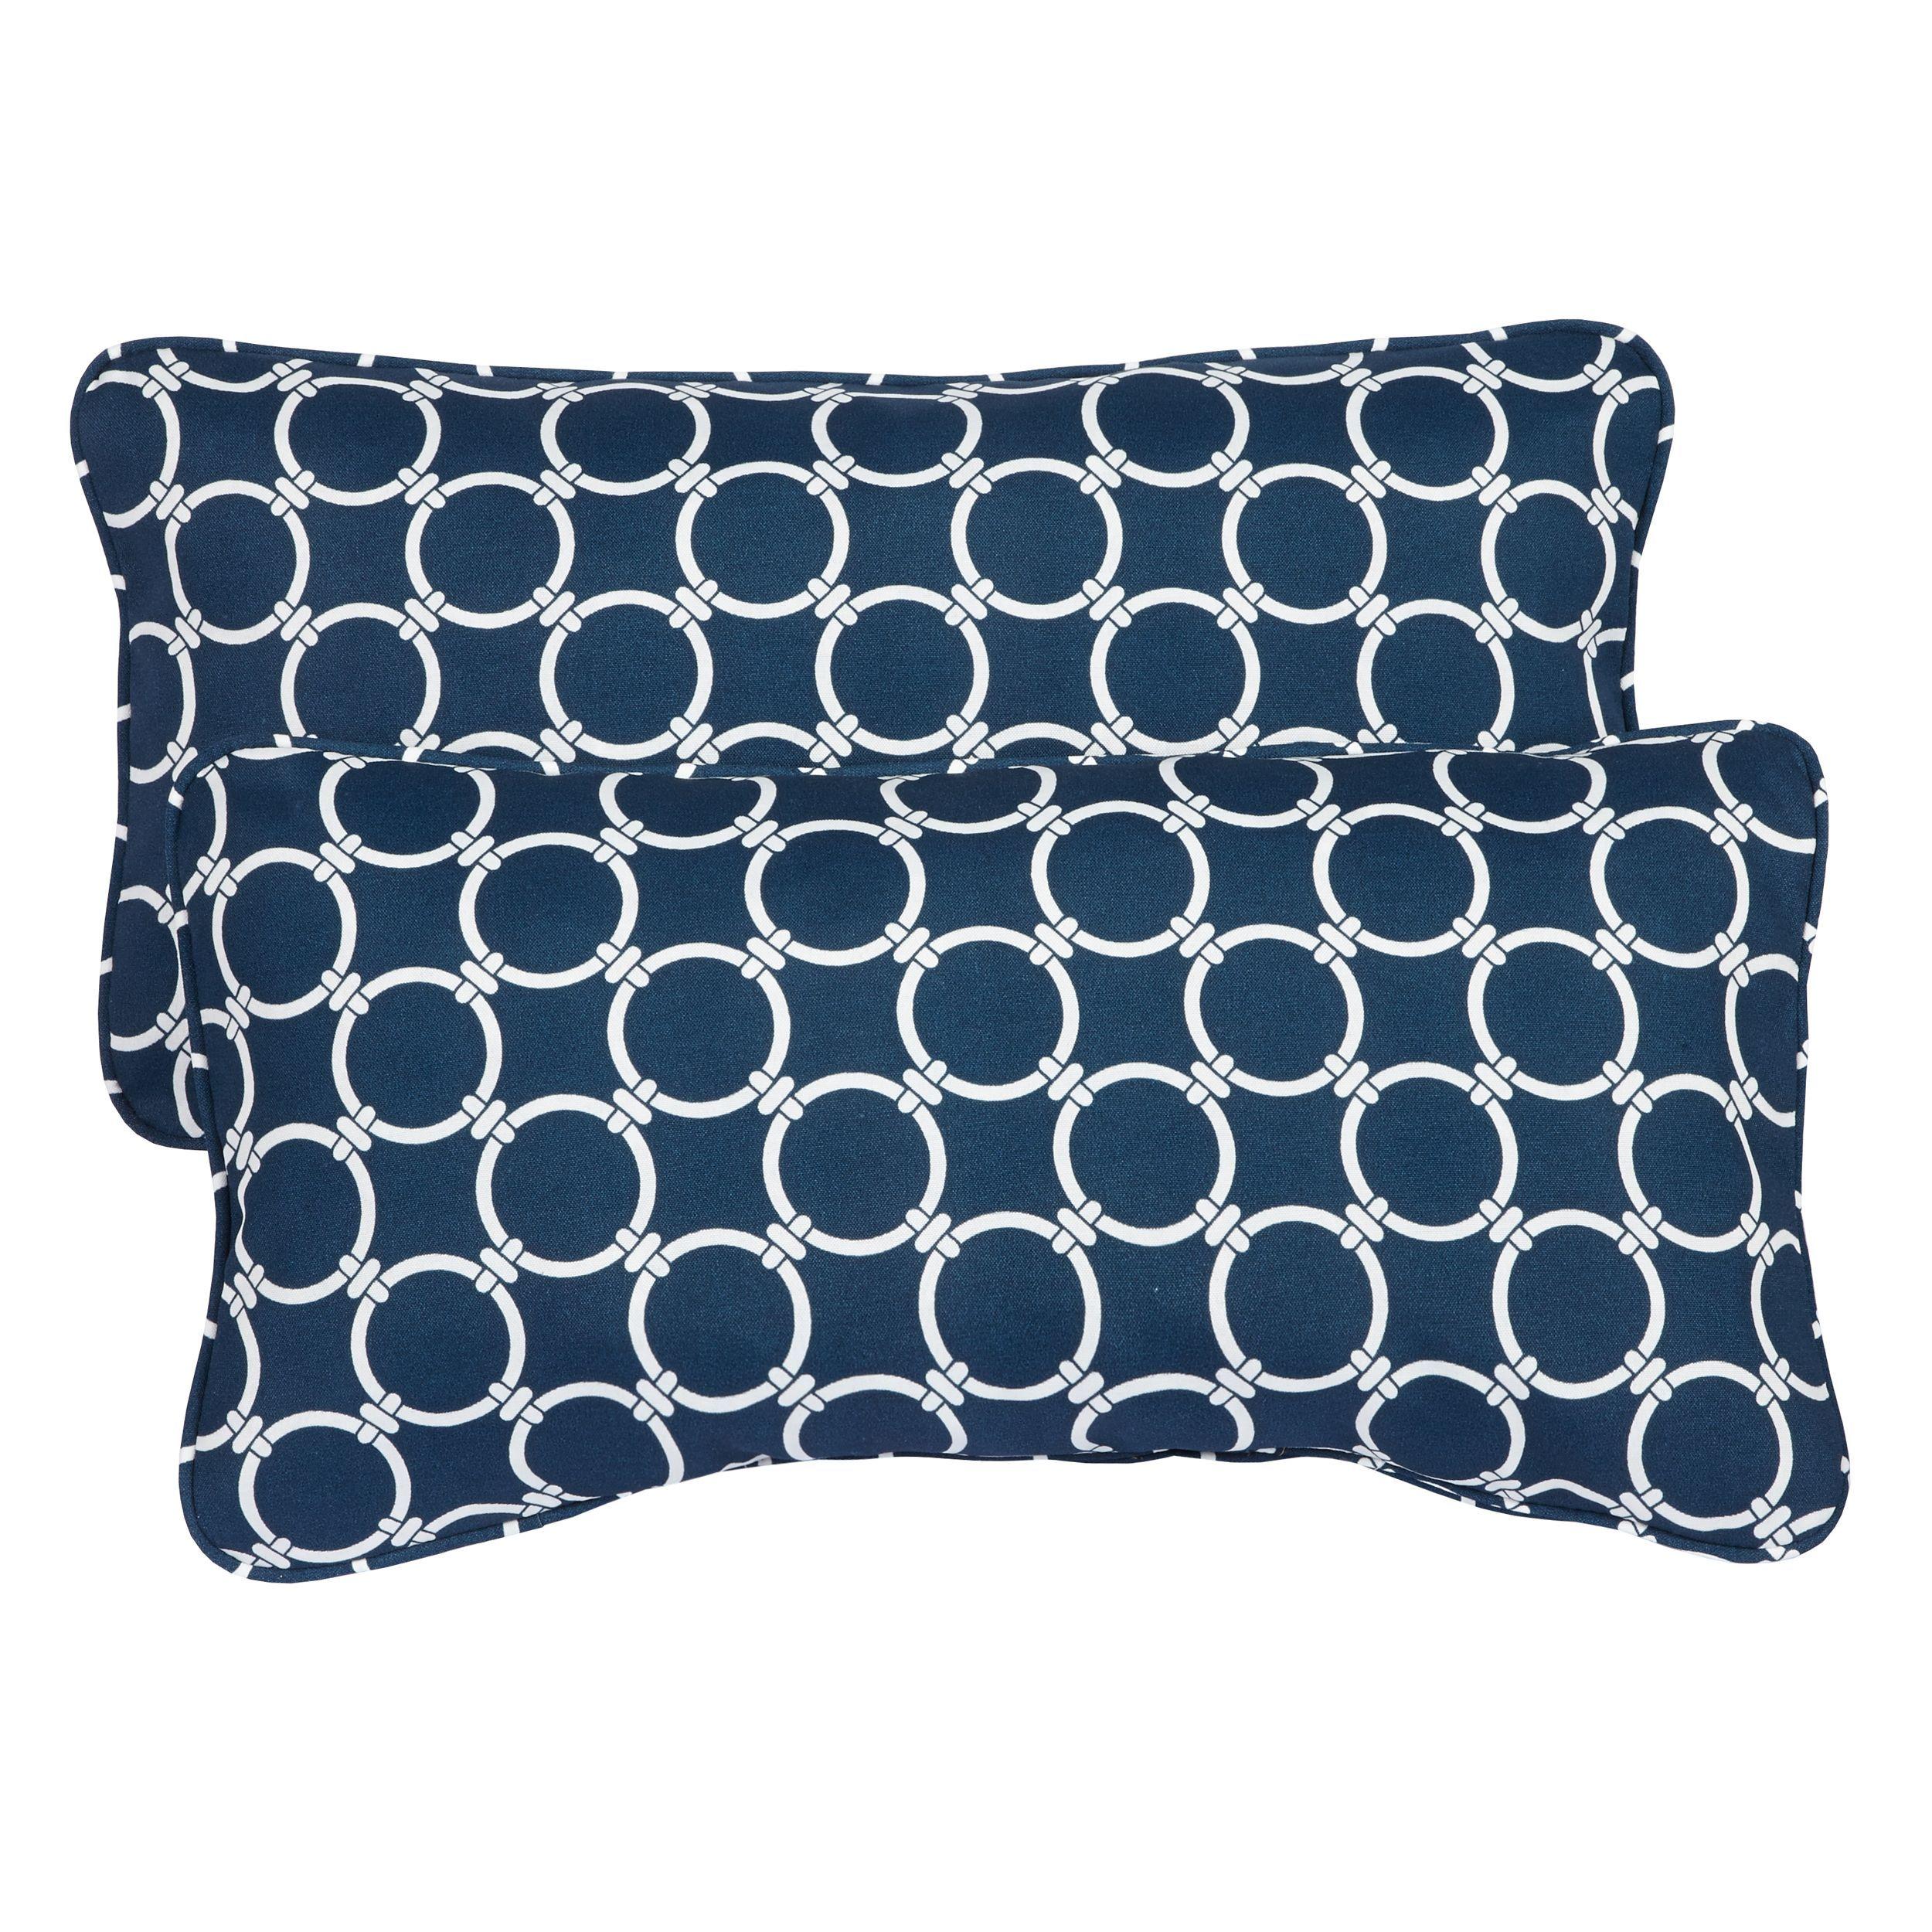 Links Navy Corded 12 X 24 Inch Indoor Outdoor Lumbar Pillows